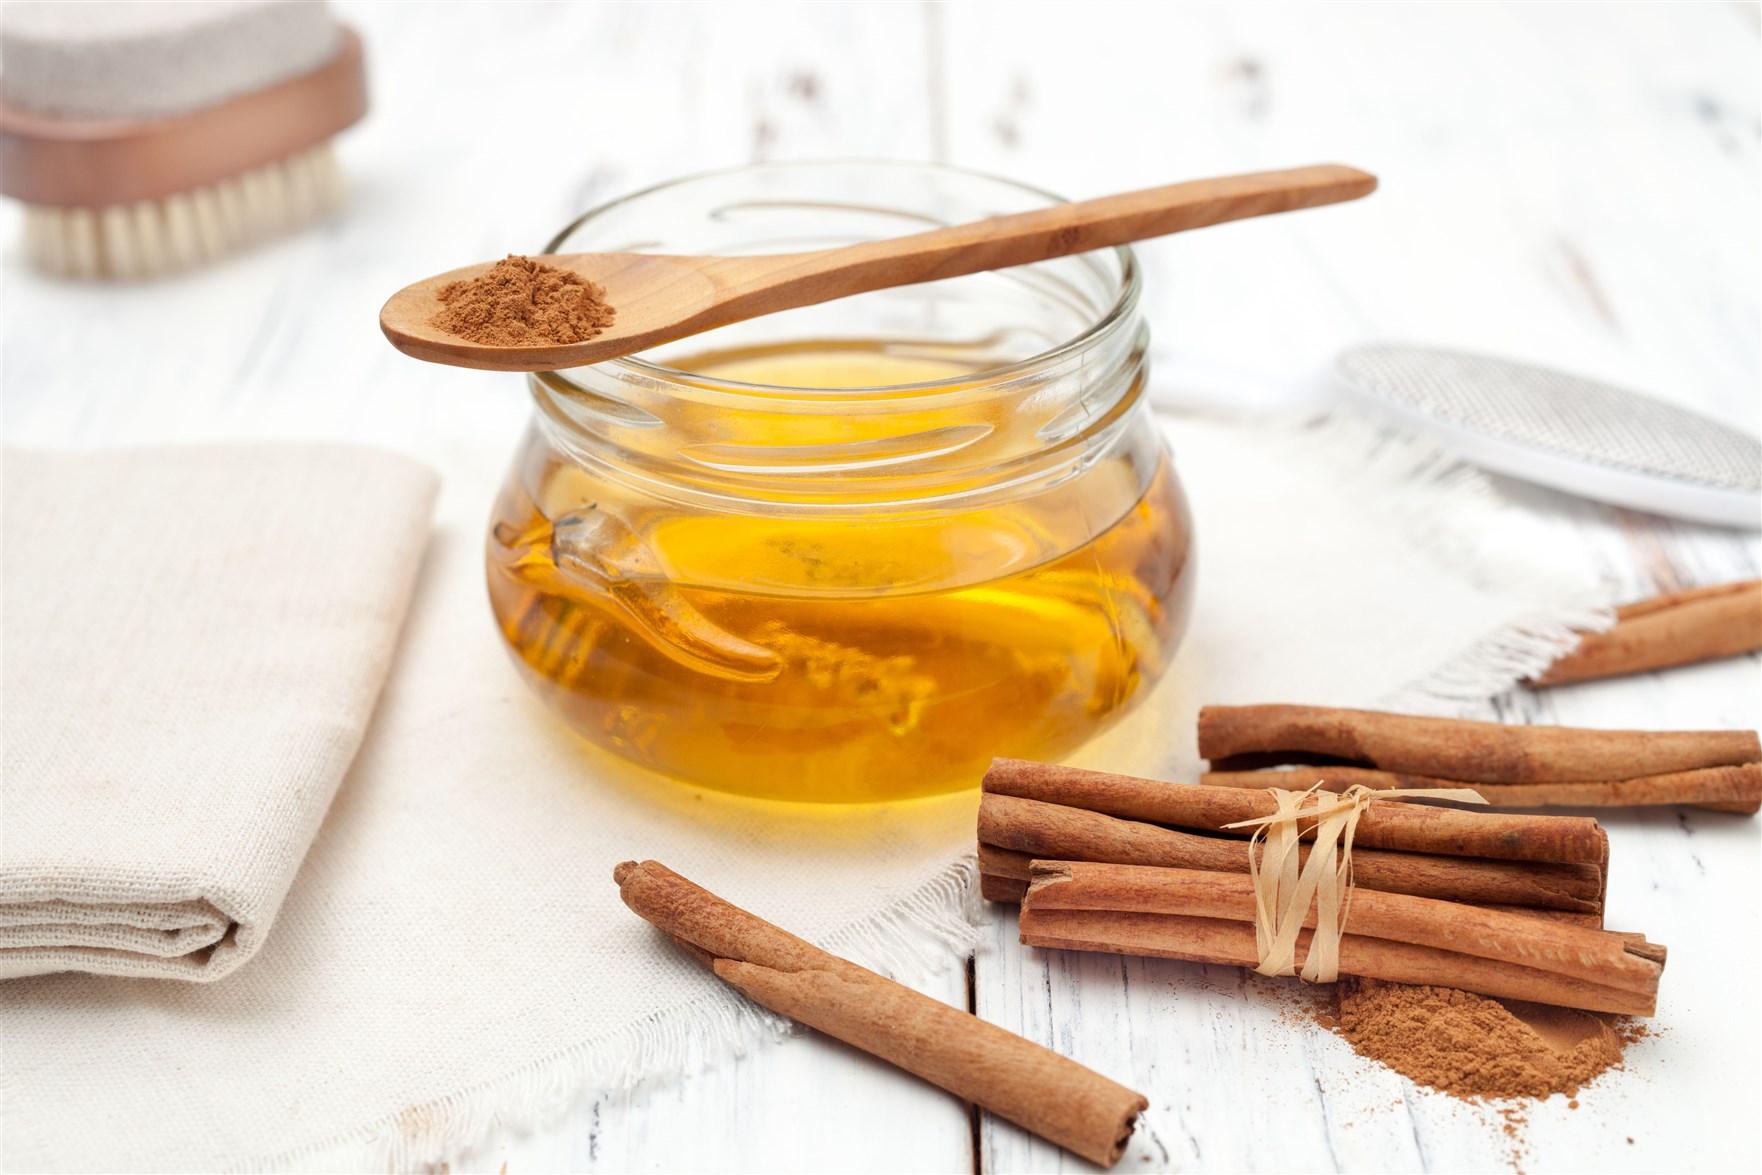 خوردن عسل با پودر دارچین برای درمان معده درد بسیار مفید است.